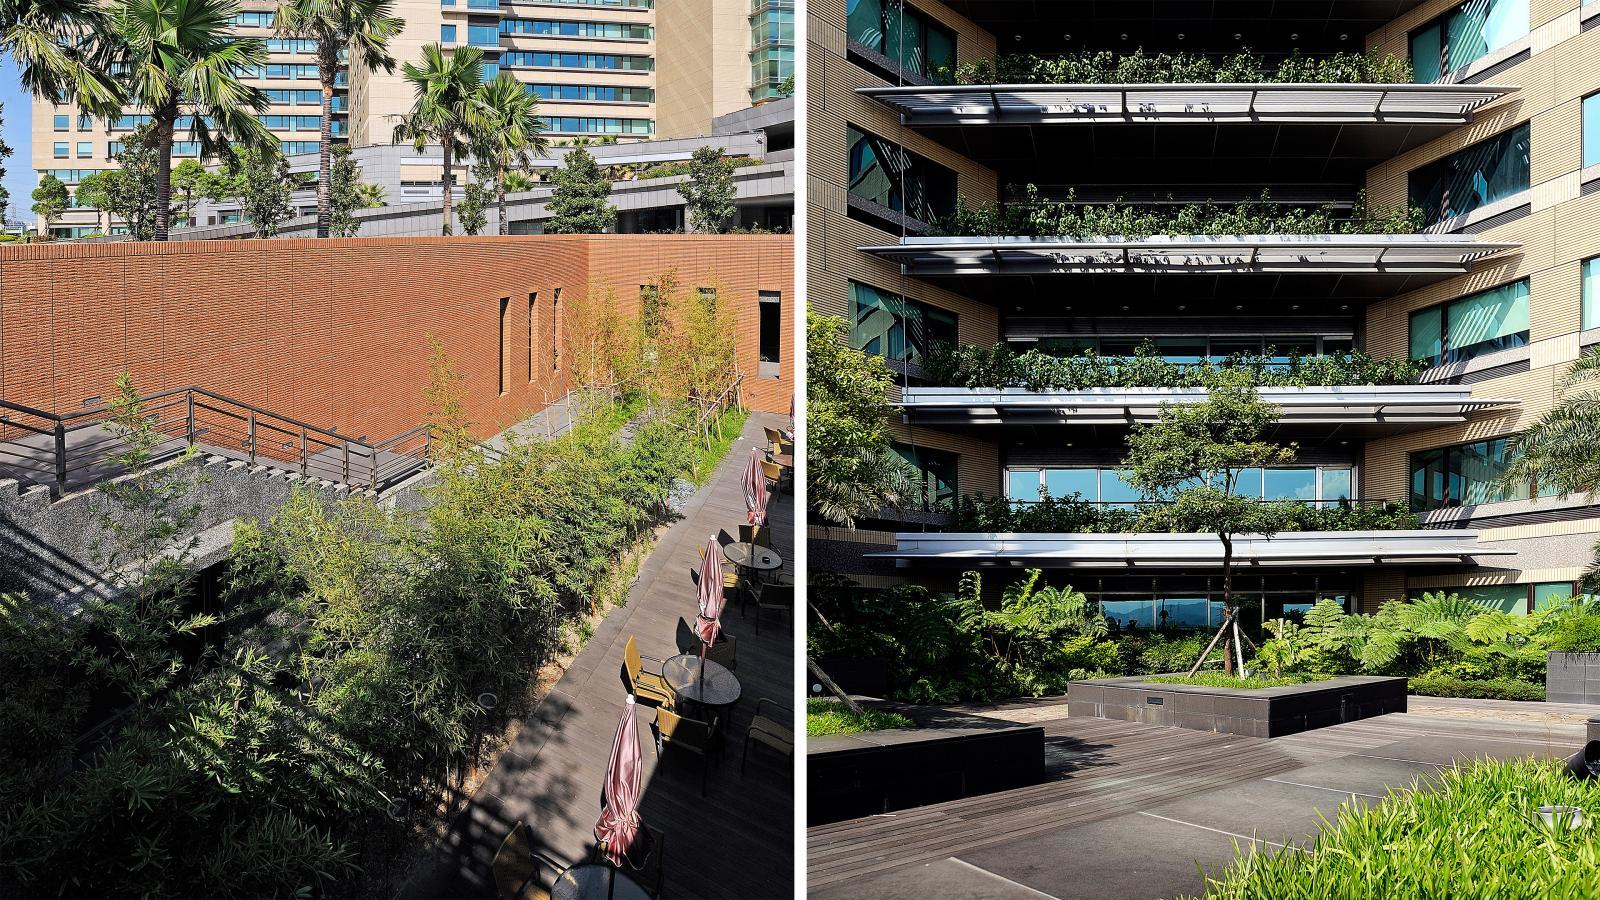 Chang Gung Hospital Photo 1